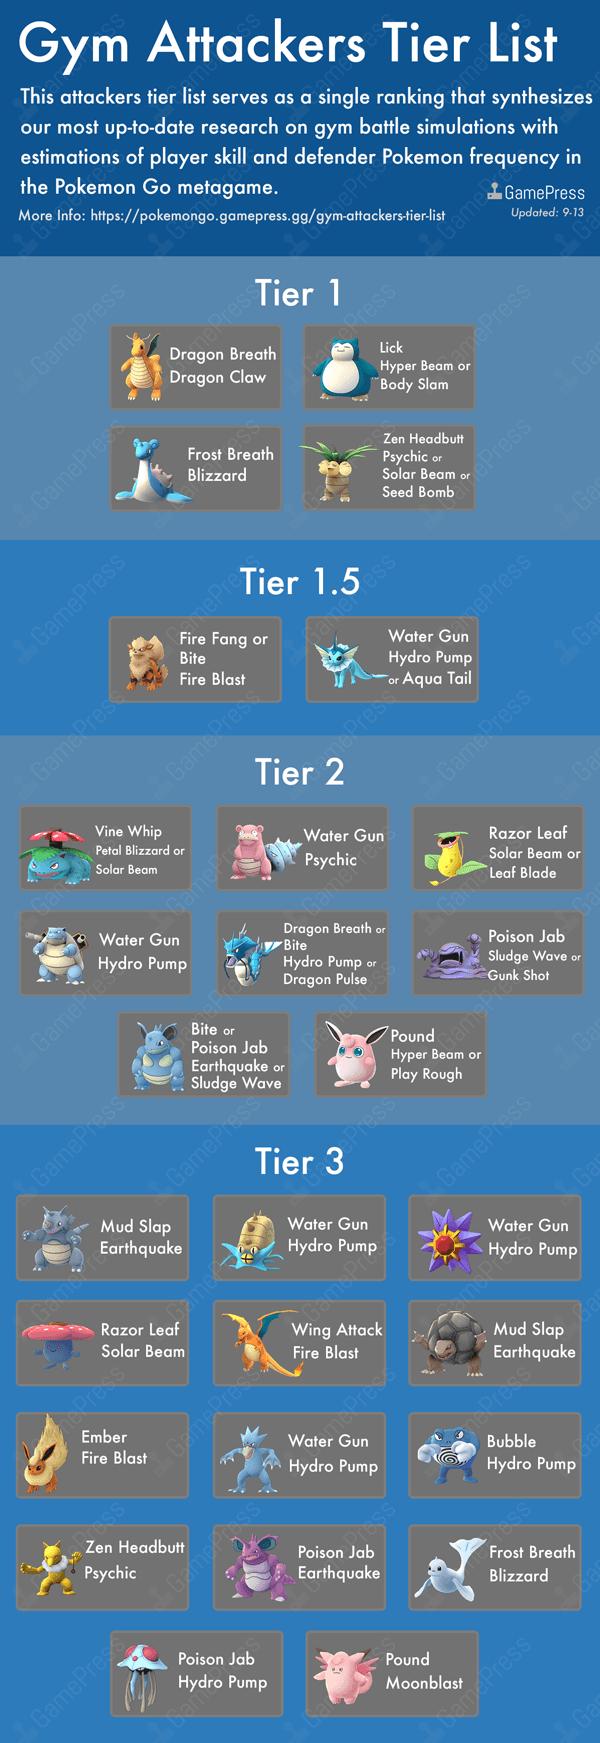 Meilleurs Pokémon pour attaquer les arènes